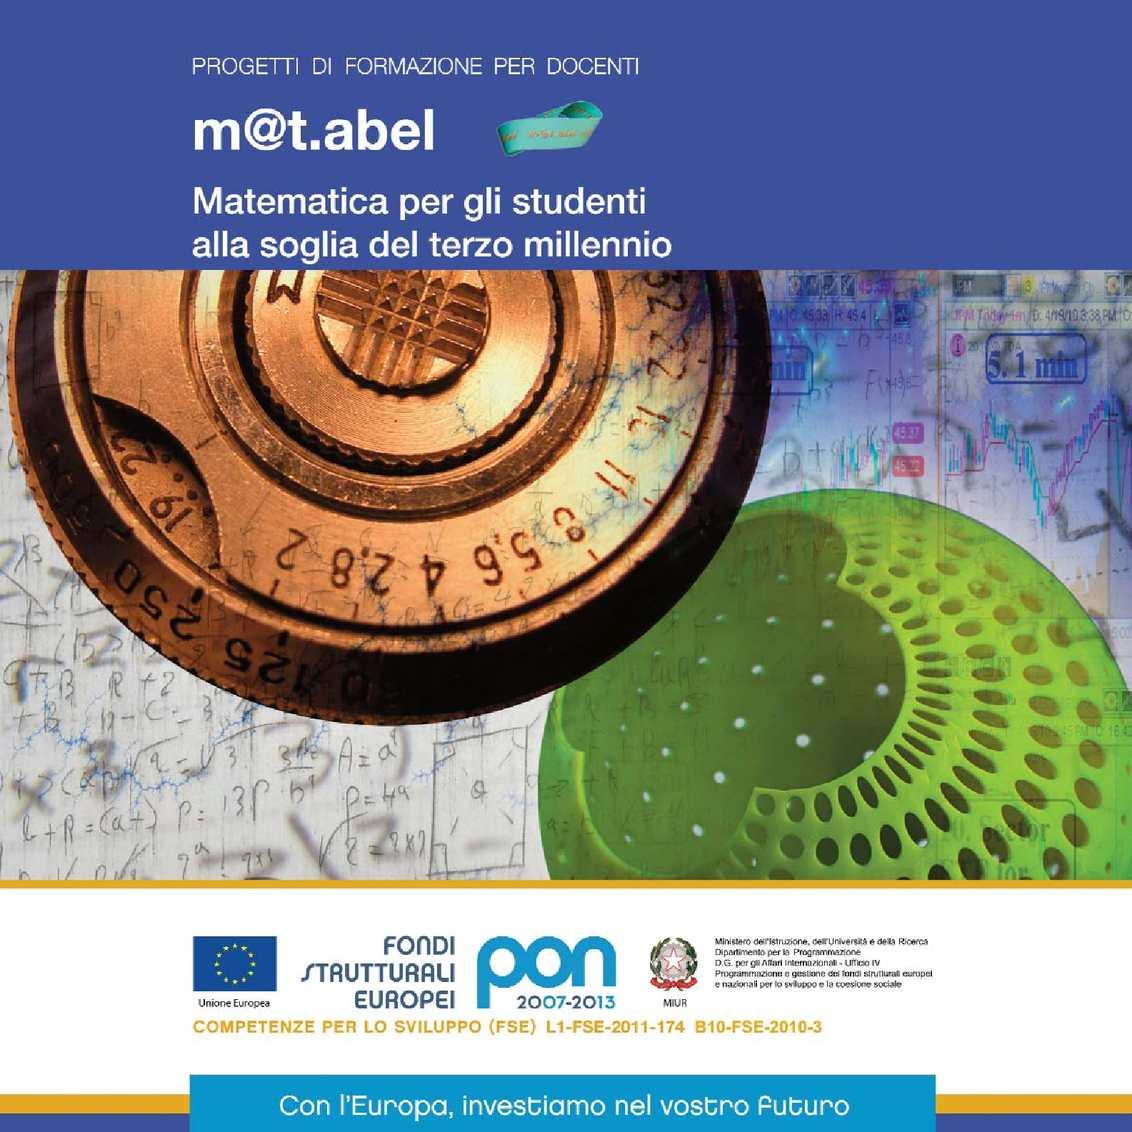 m@t.abel Matematica per gli studenti alla soglia del terzo millennio